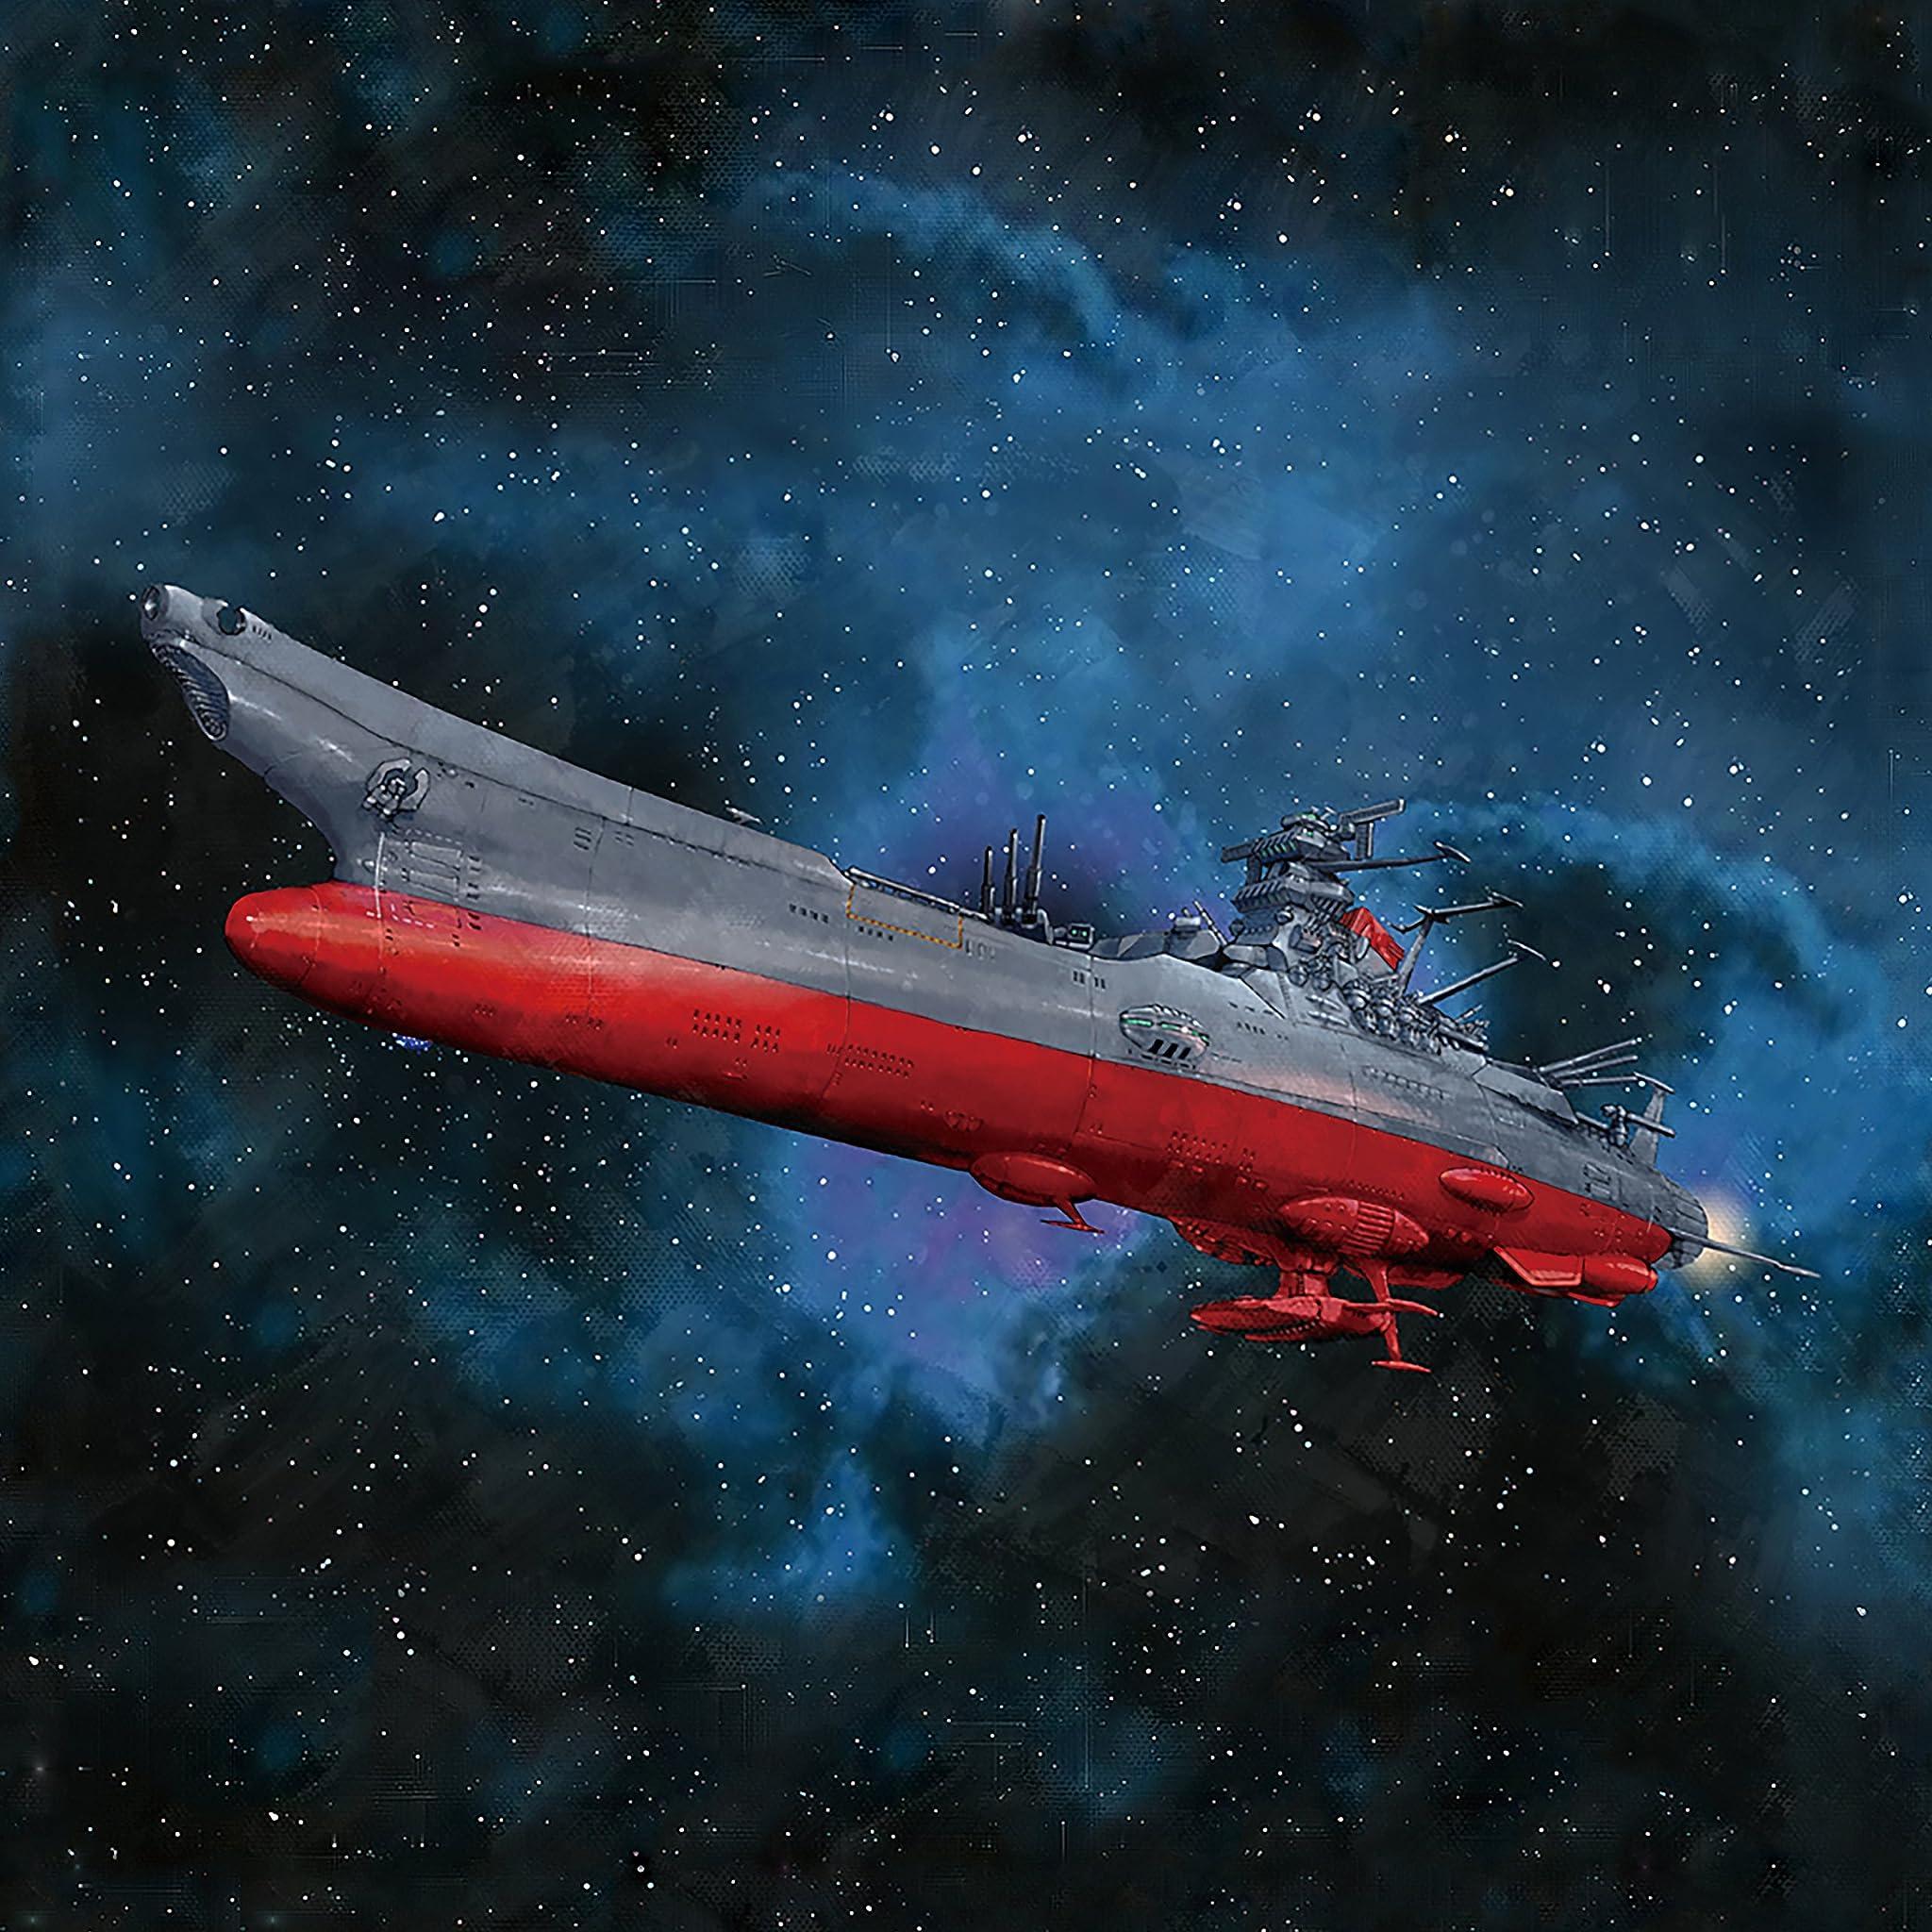 宇宙戦艦ヤマト 宇宙駆ける艦の壁紙